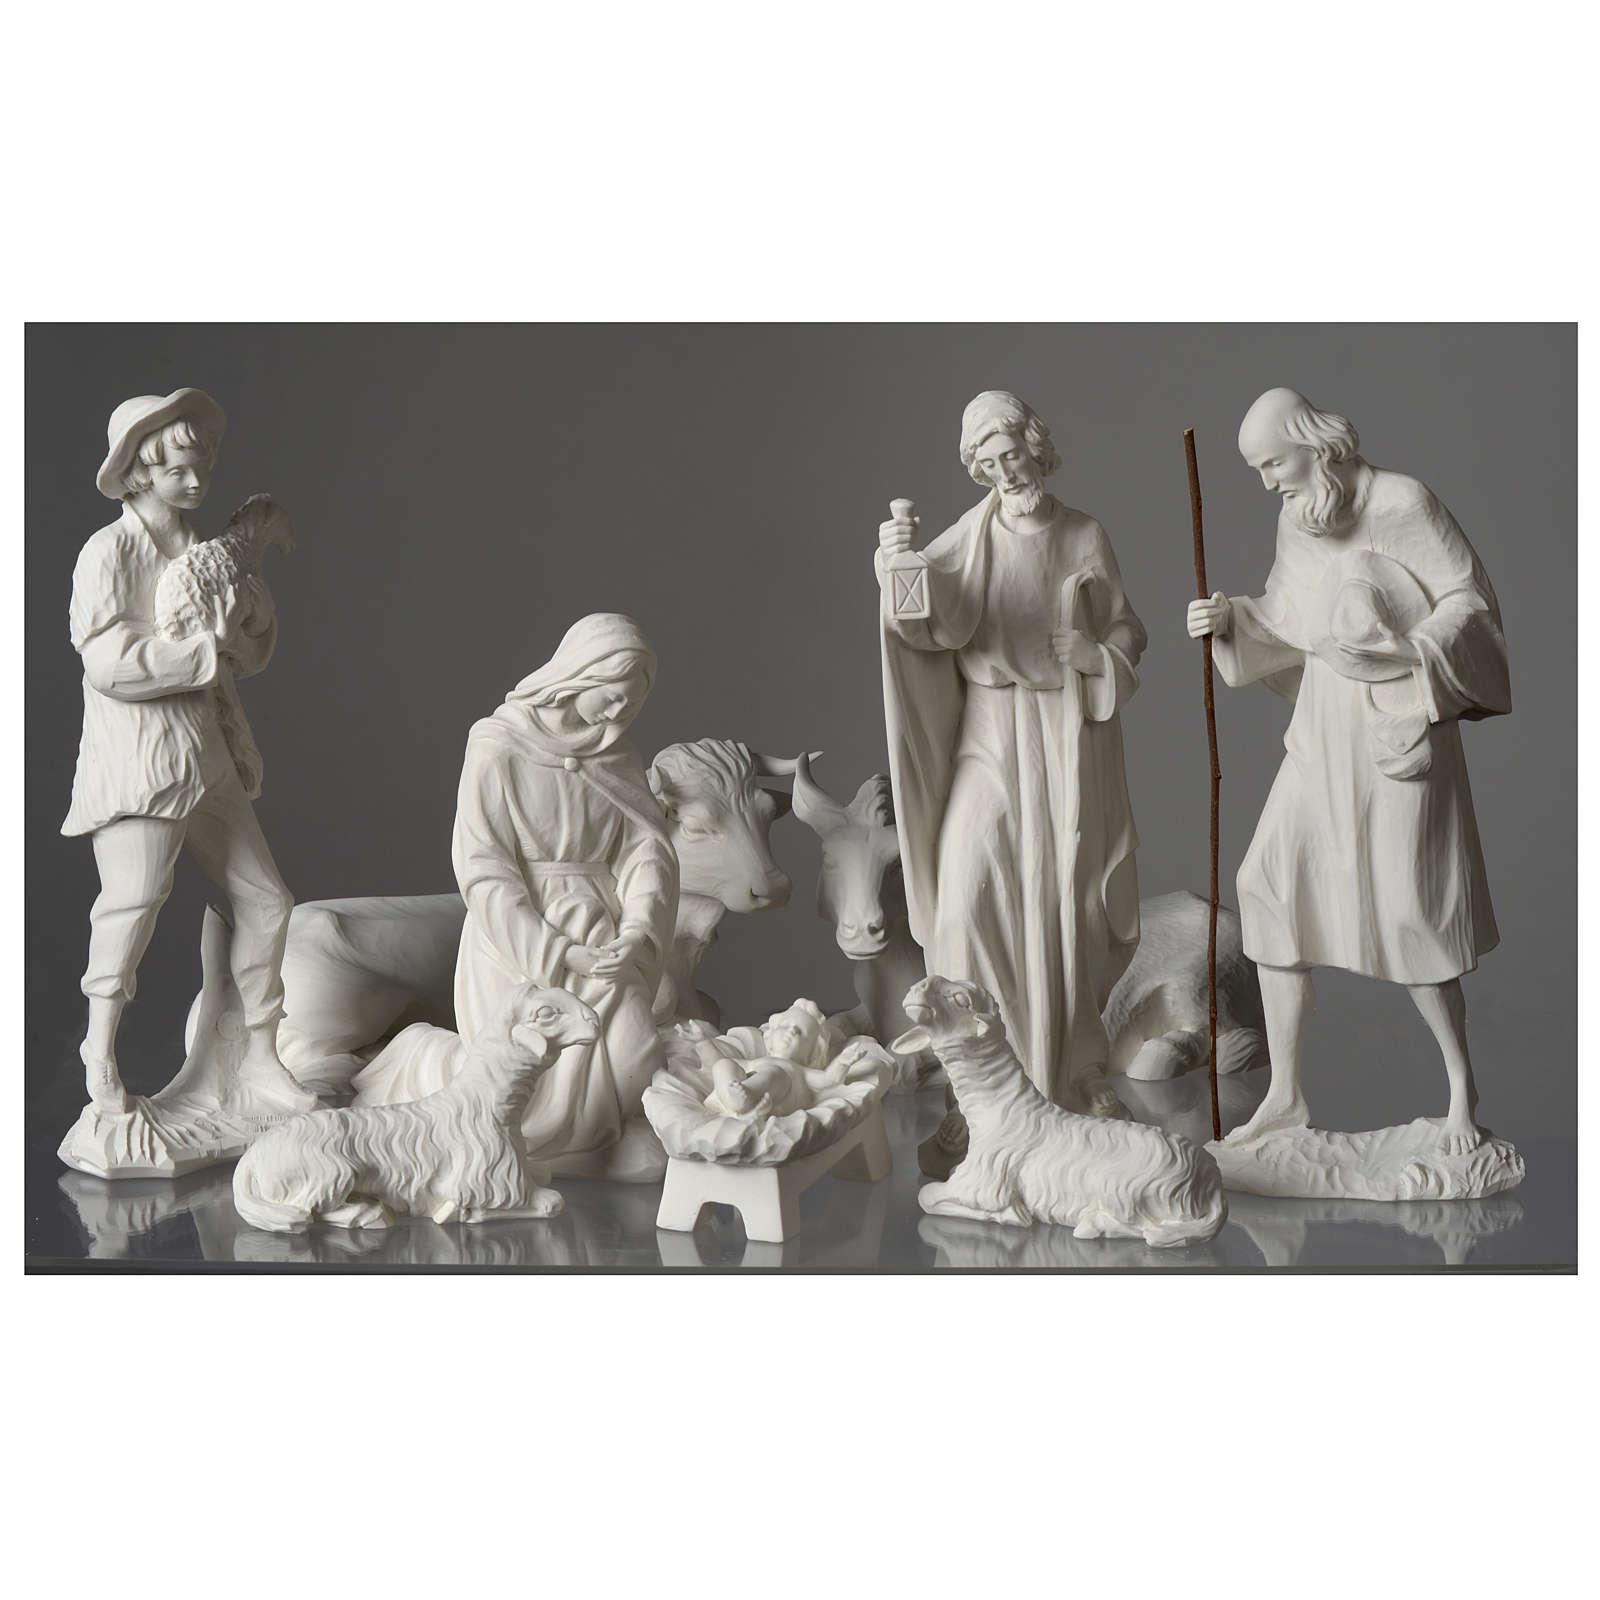 Presepe completo 30 cm polvere di marmo 9 pz 4